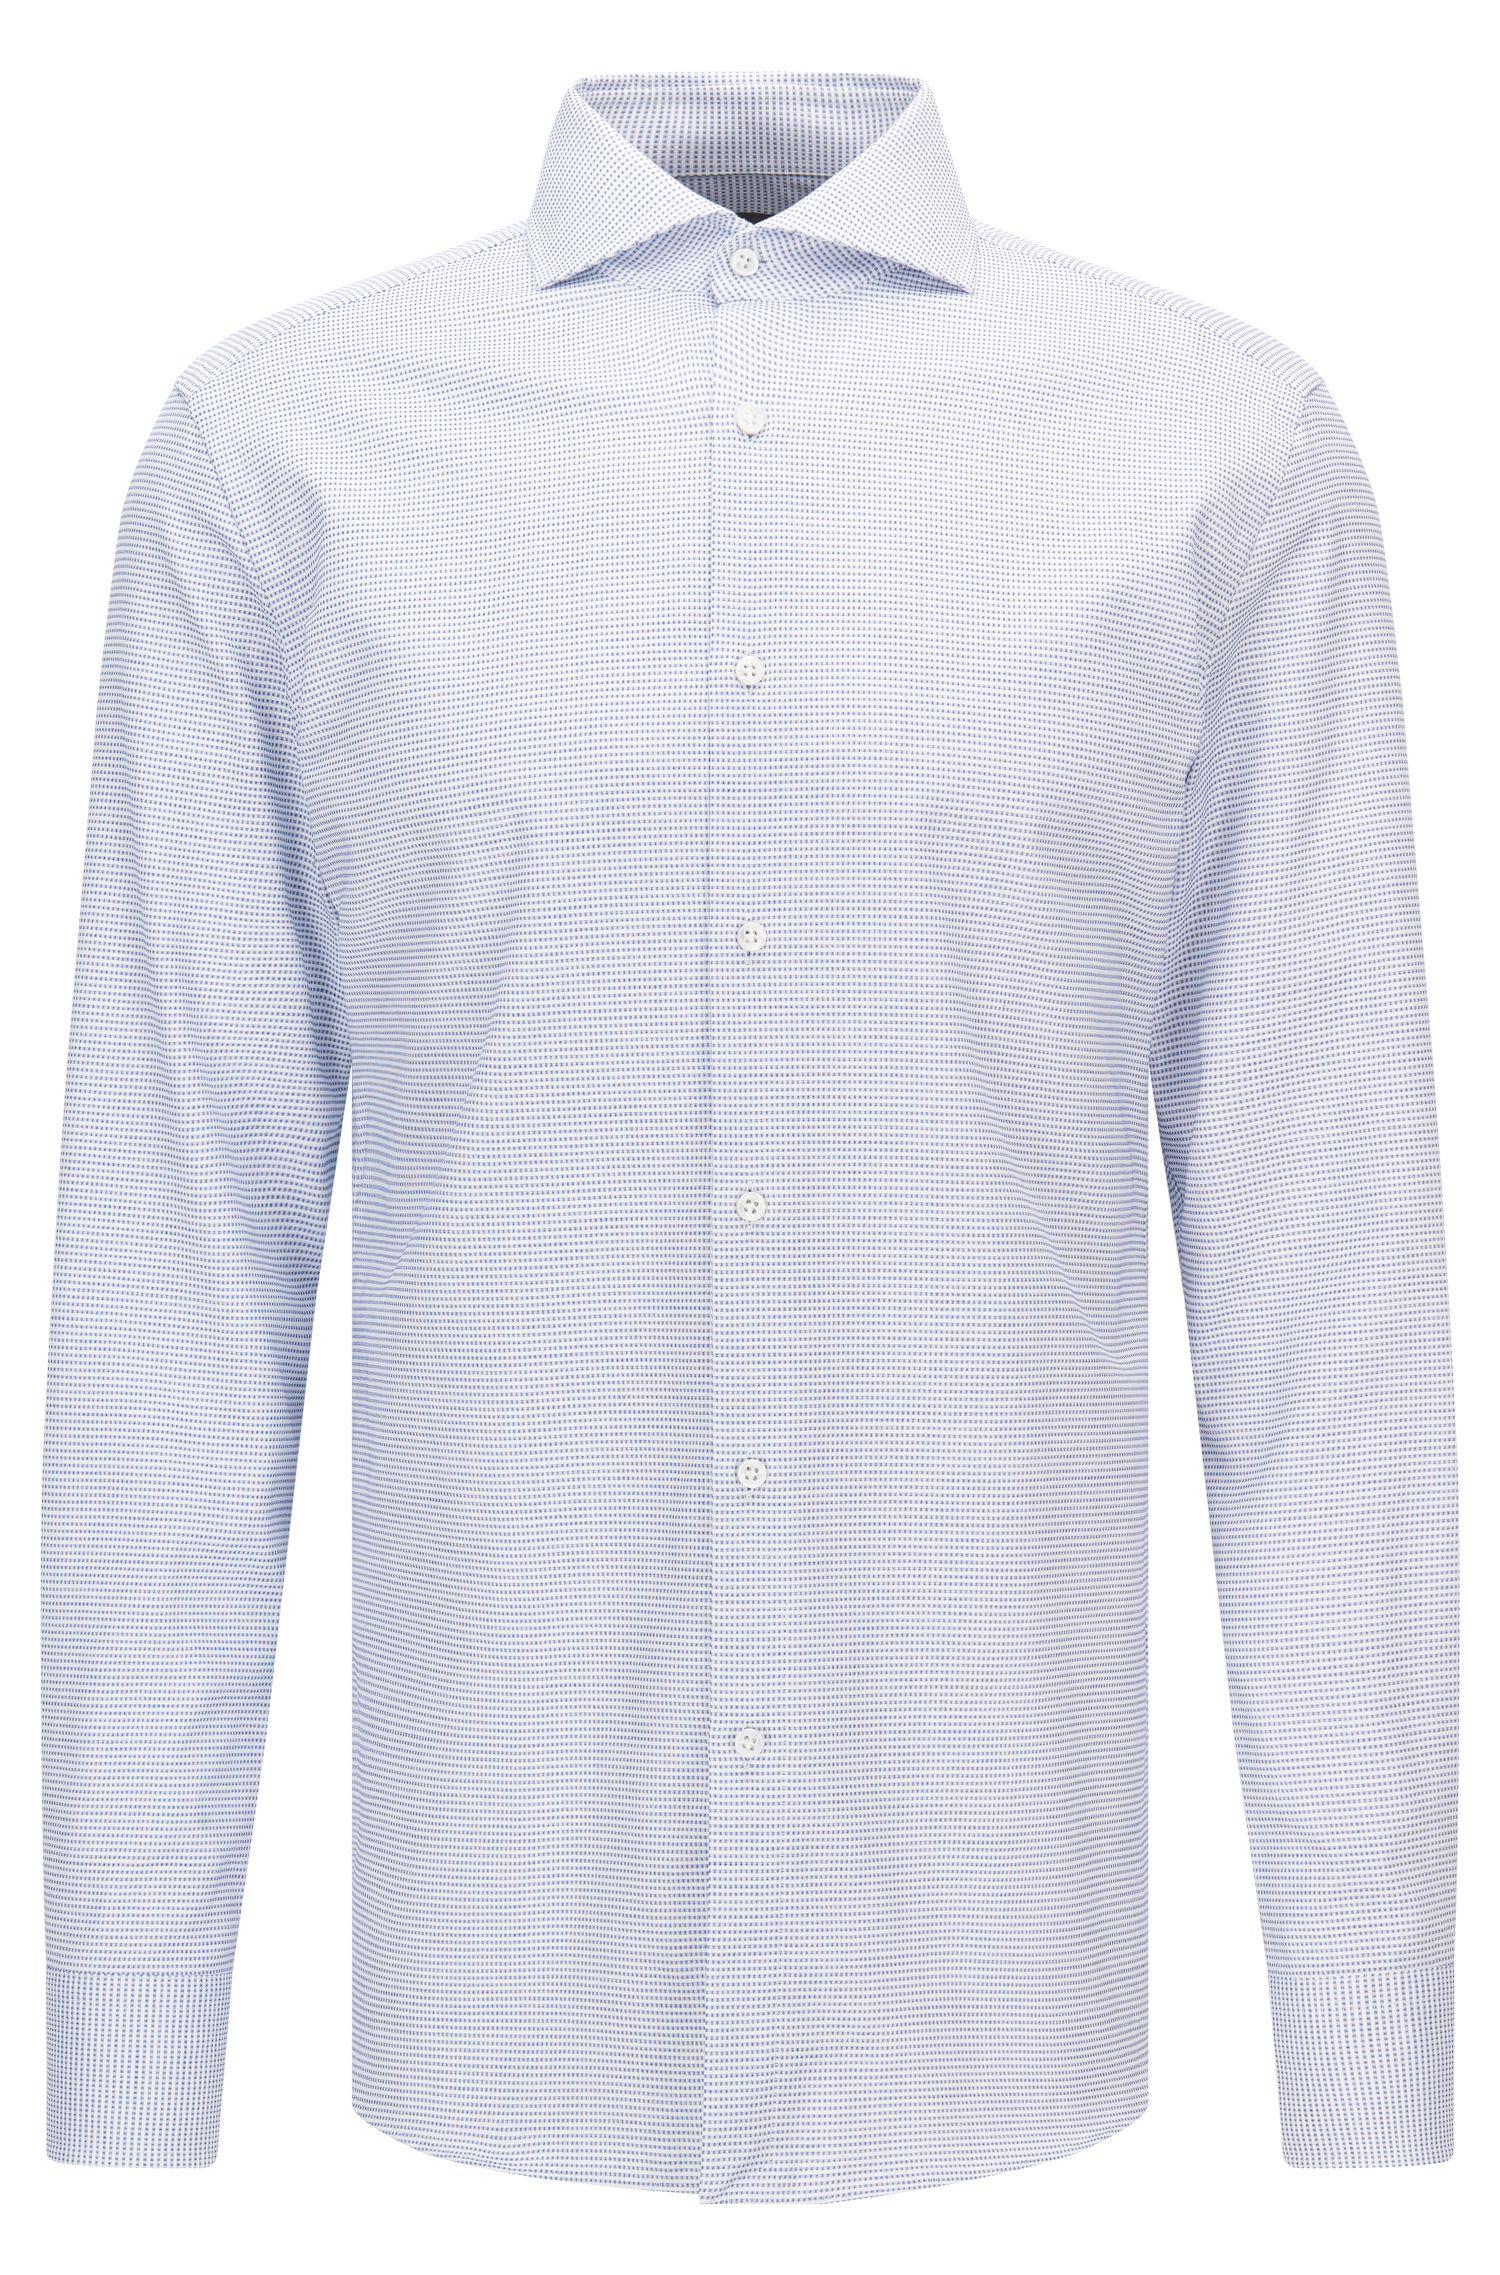 Chemise en coton Slim Fit à micro-motif, à boutons en nacre